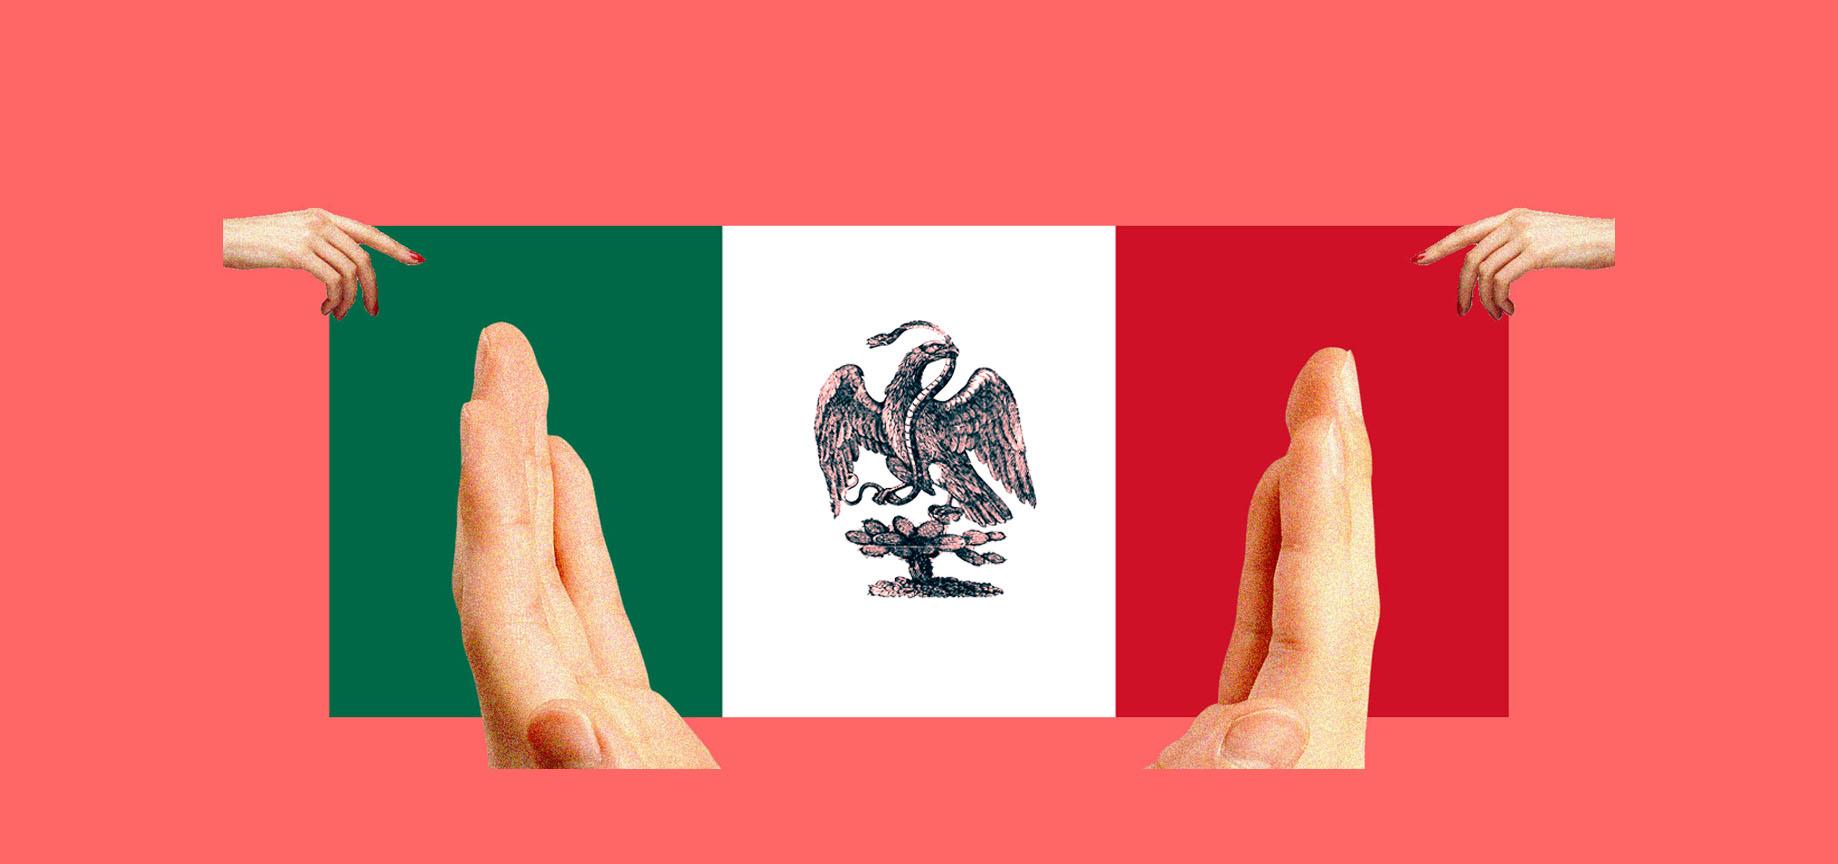 mejores-artistas-cineastas-musicos-mexicanos-orgullo-contemporaneos-embajadores-cultura-mexico-2